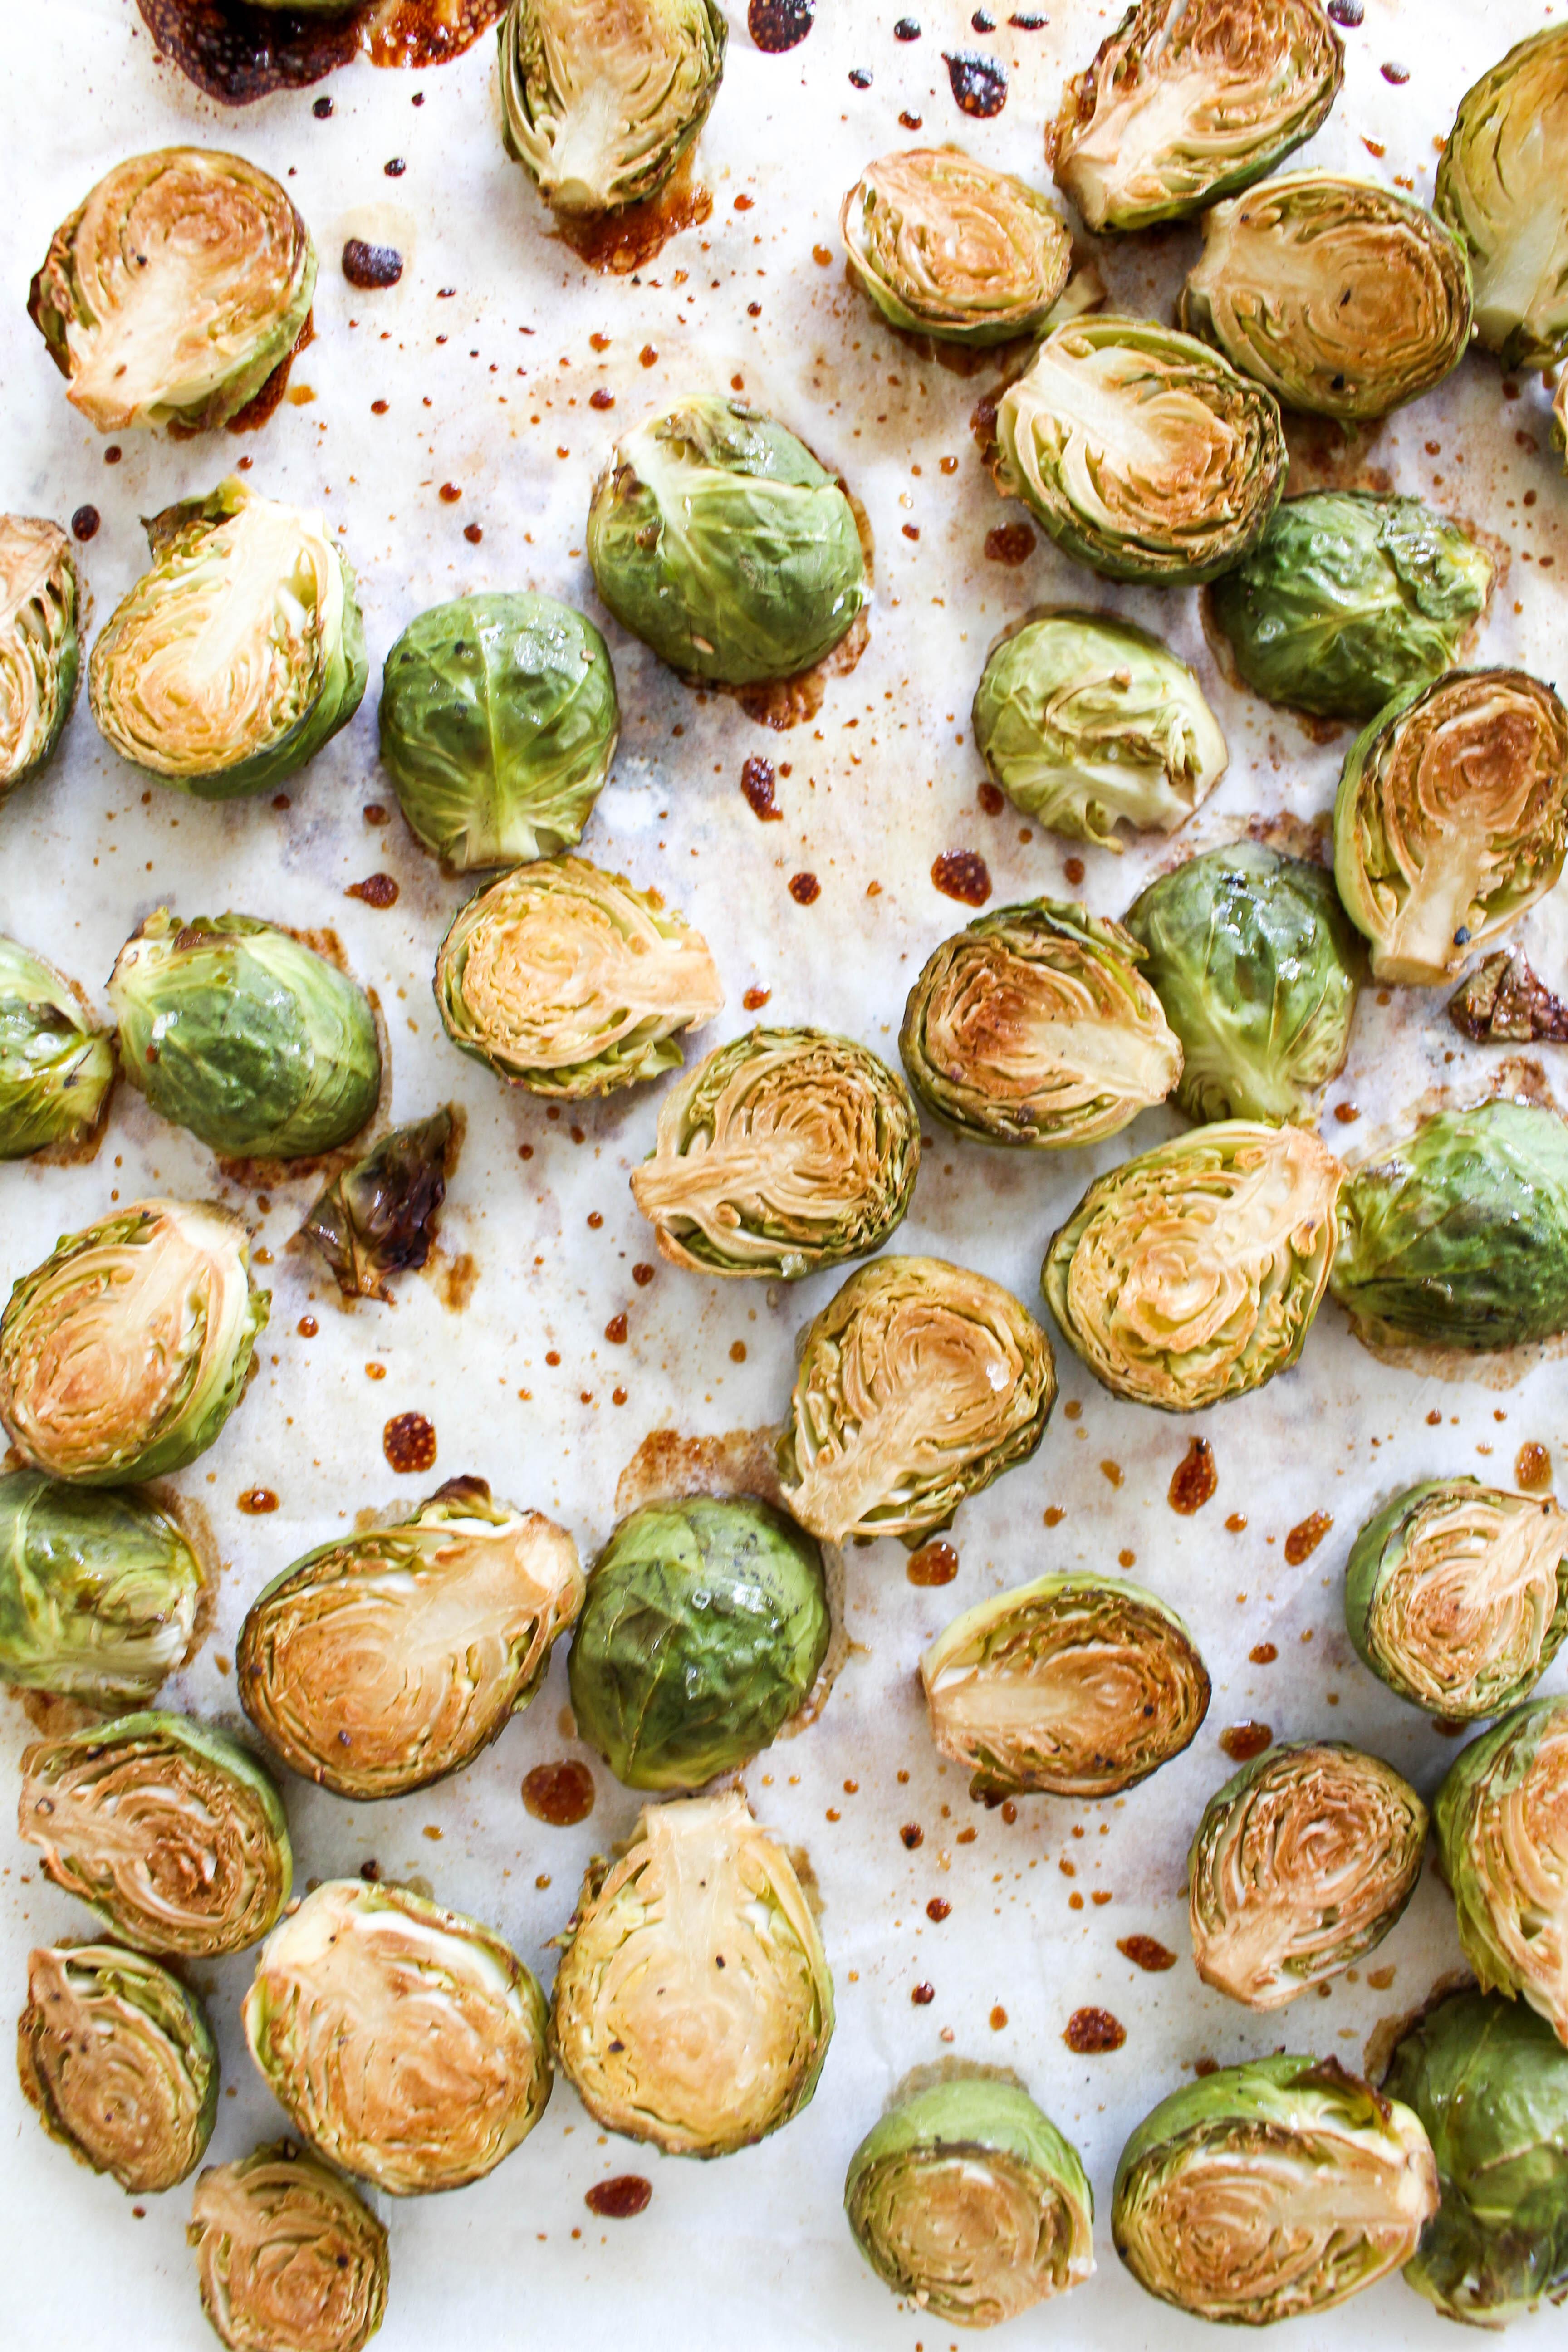 Gerösteter Honig-Rosenkohl mit Granatapfelkernen - ohne raffinierten Zucker, glutenfrei, rein pflanzlich - de.heavenlynnhealthy.com